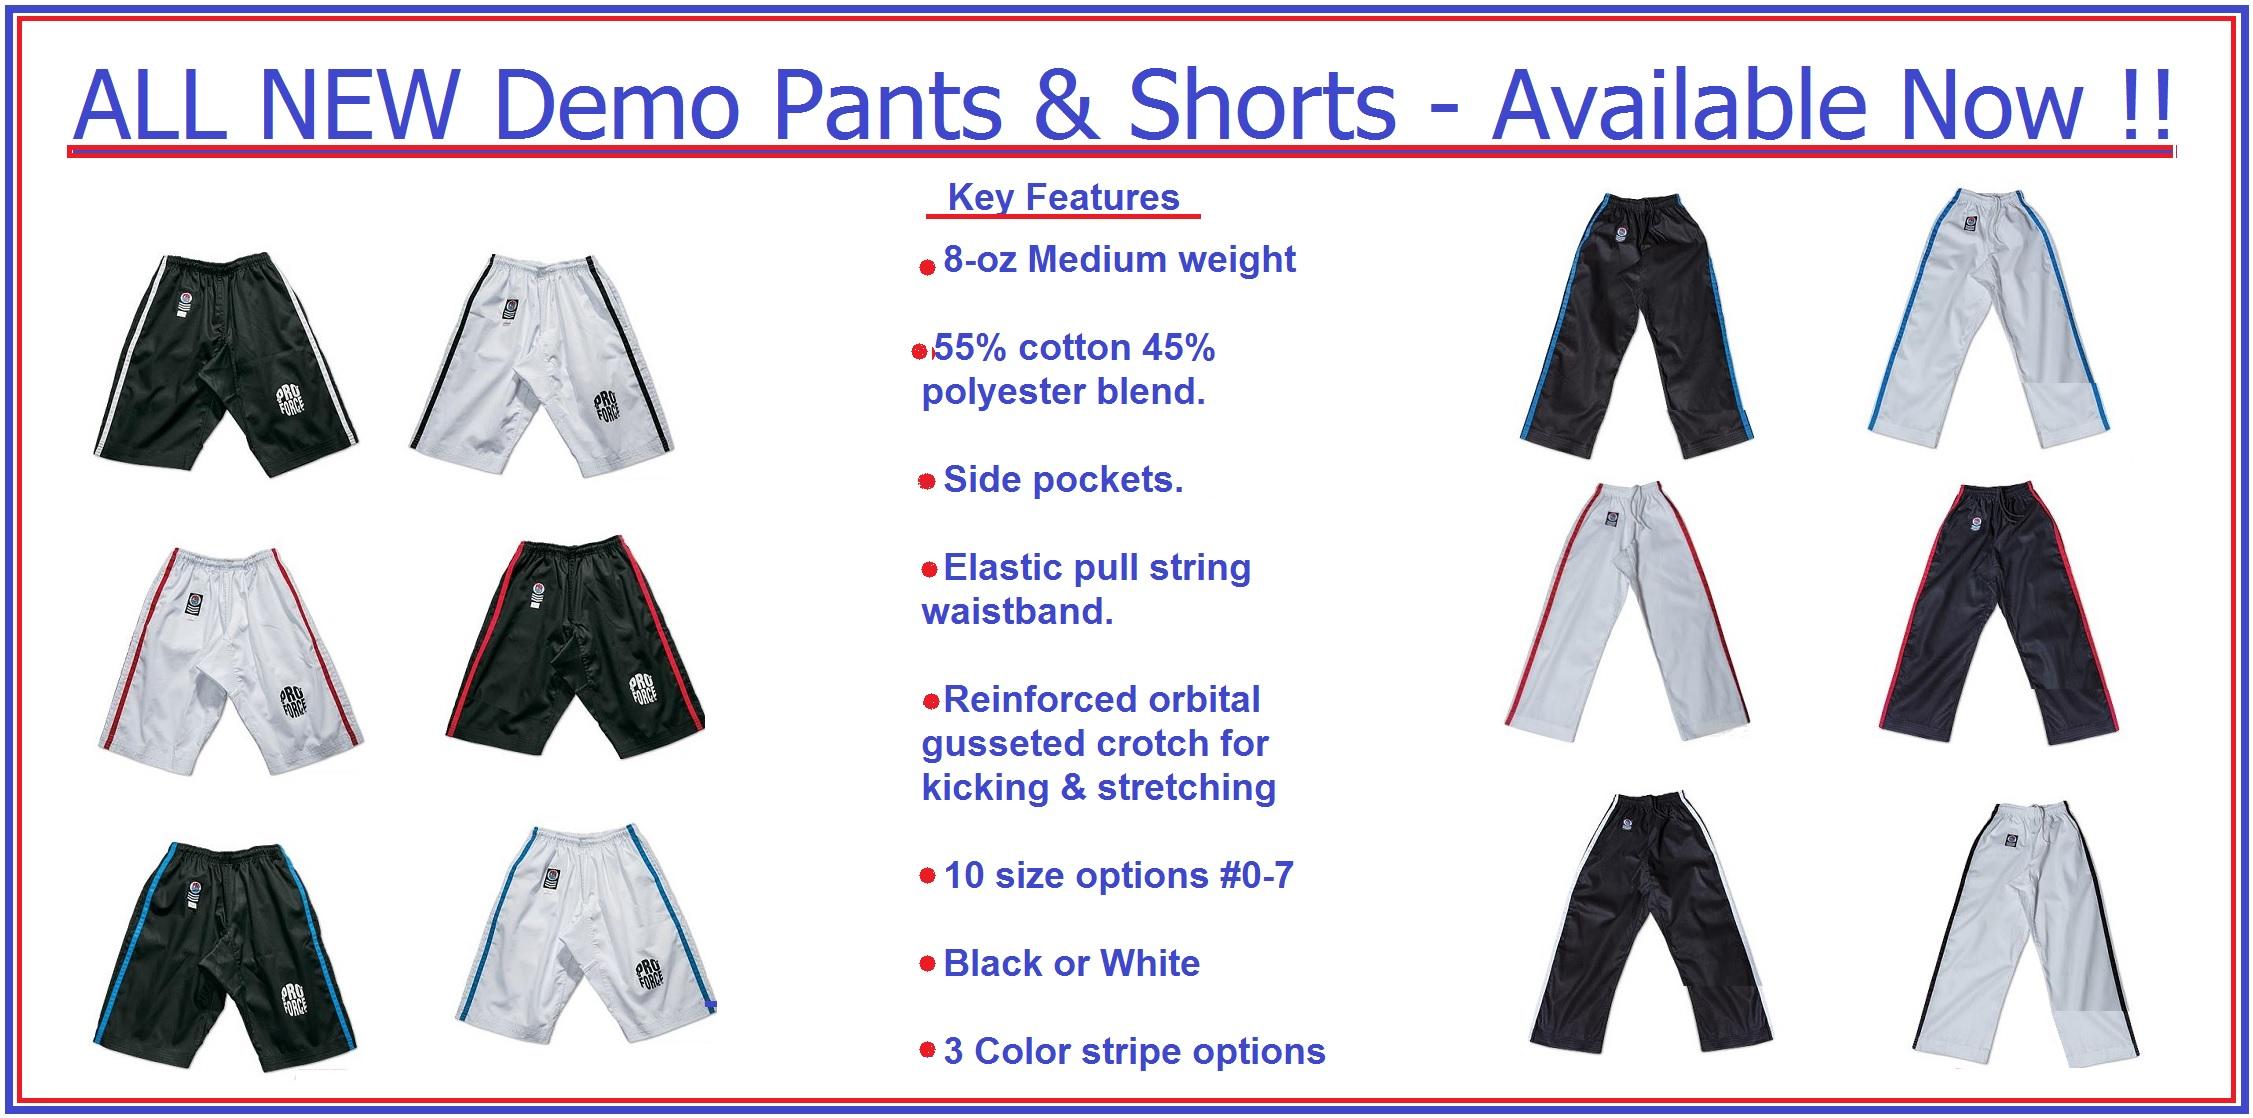 Demo Pants